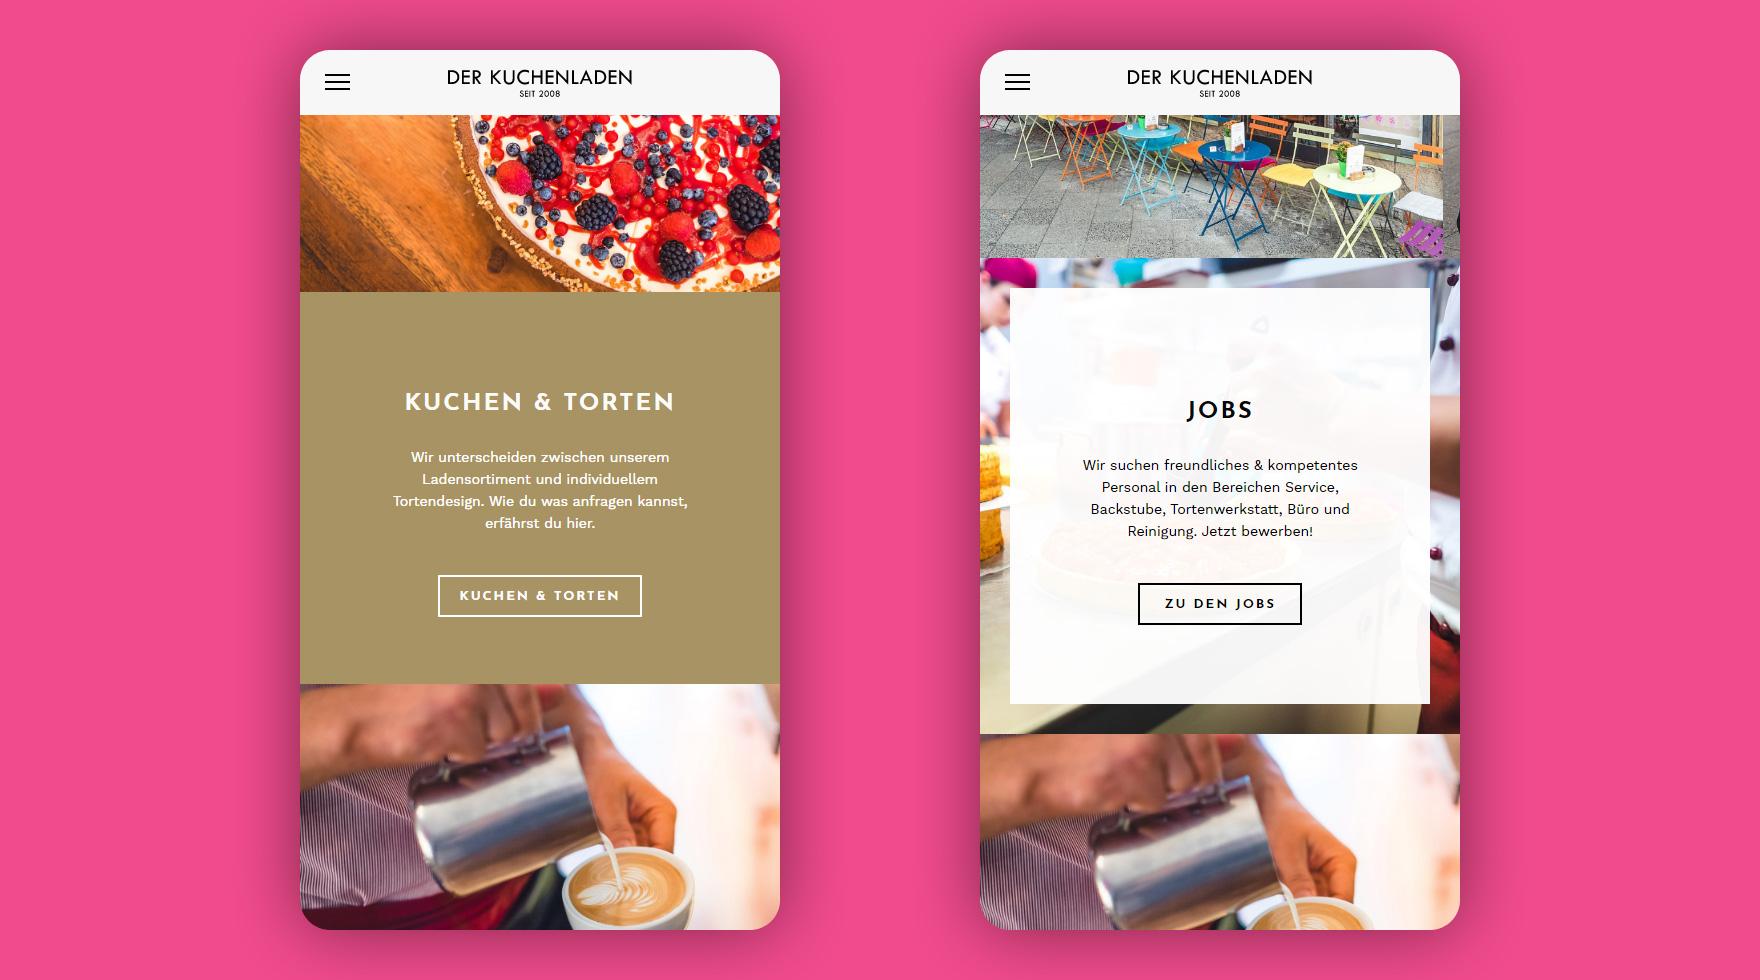 web-designer-programmierer-kuchenladen-berlin-agentur